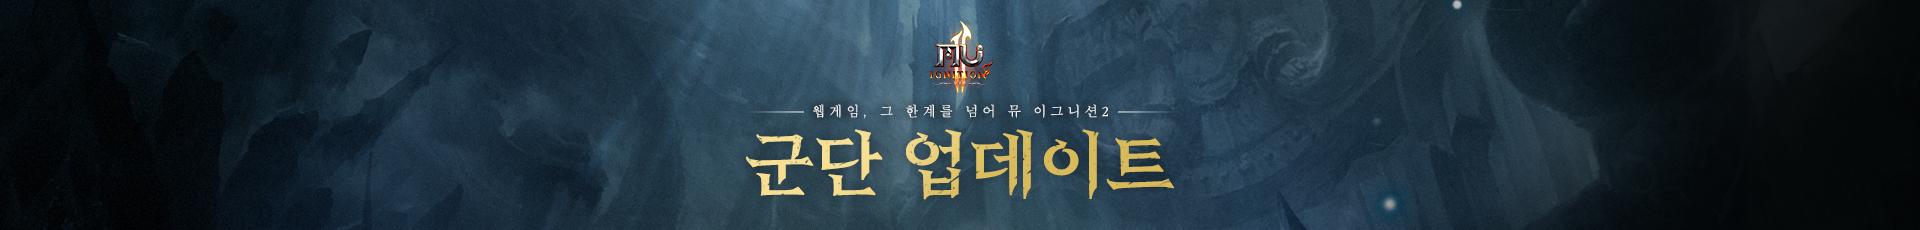 뮤 이그니션2(업데이트)